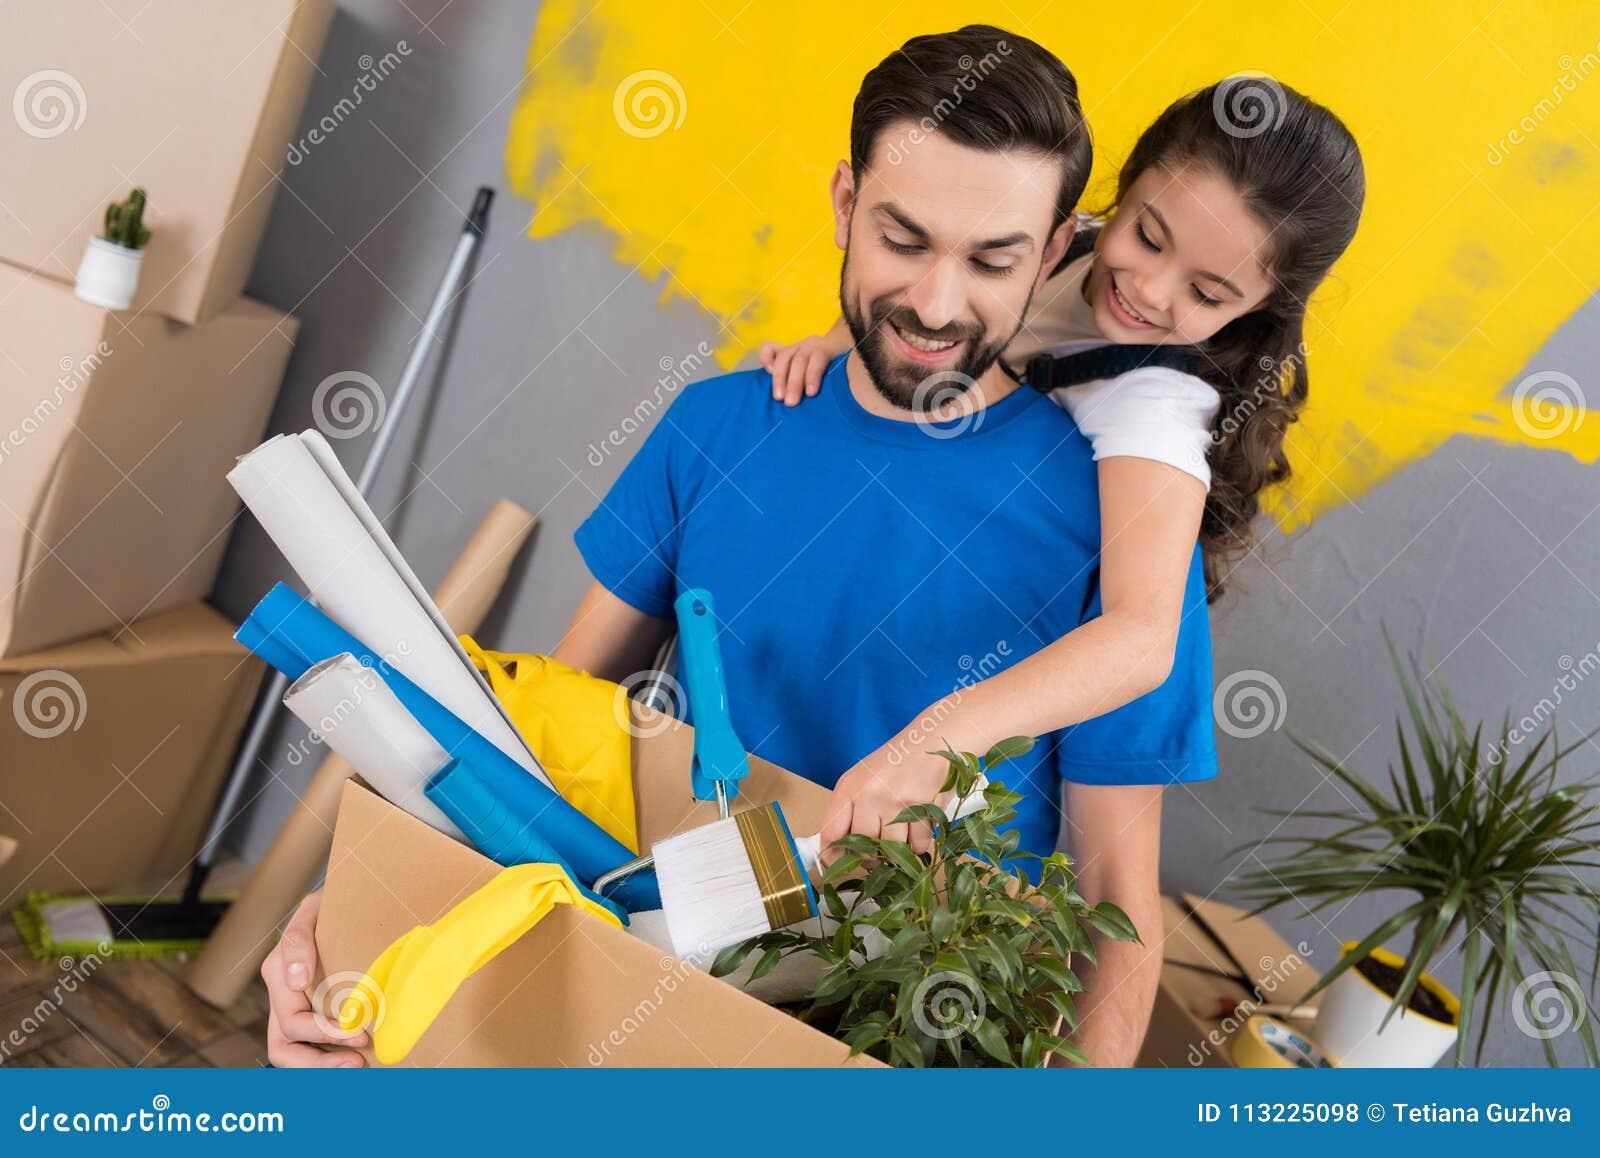 Weinig dochter met penseel koestert vader, die doos van hulpmiddelen en dingen houdt